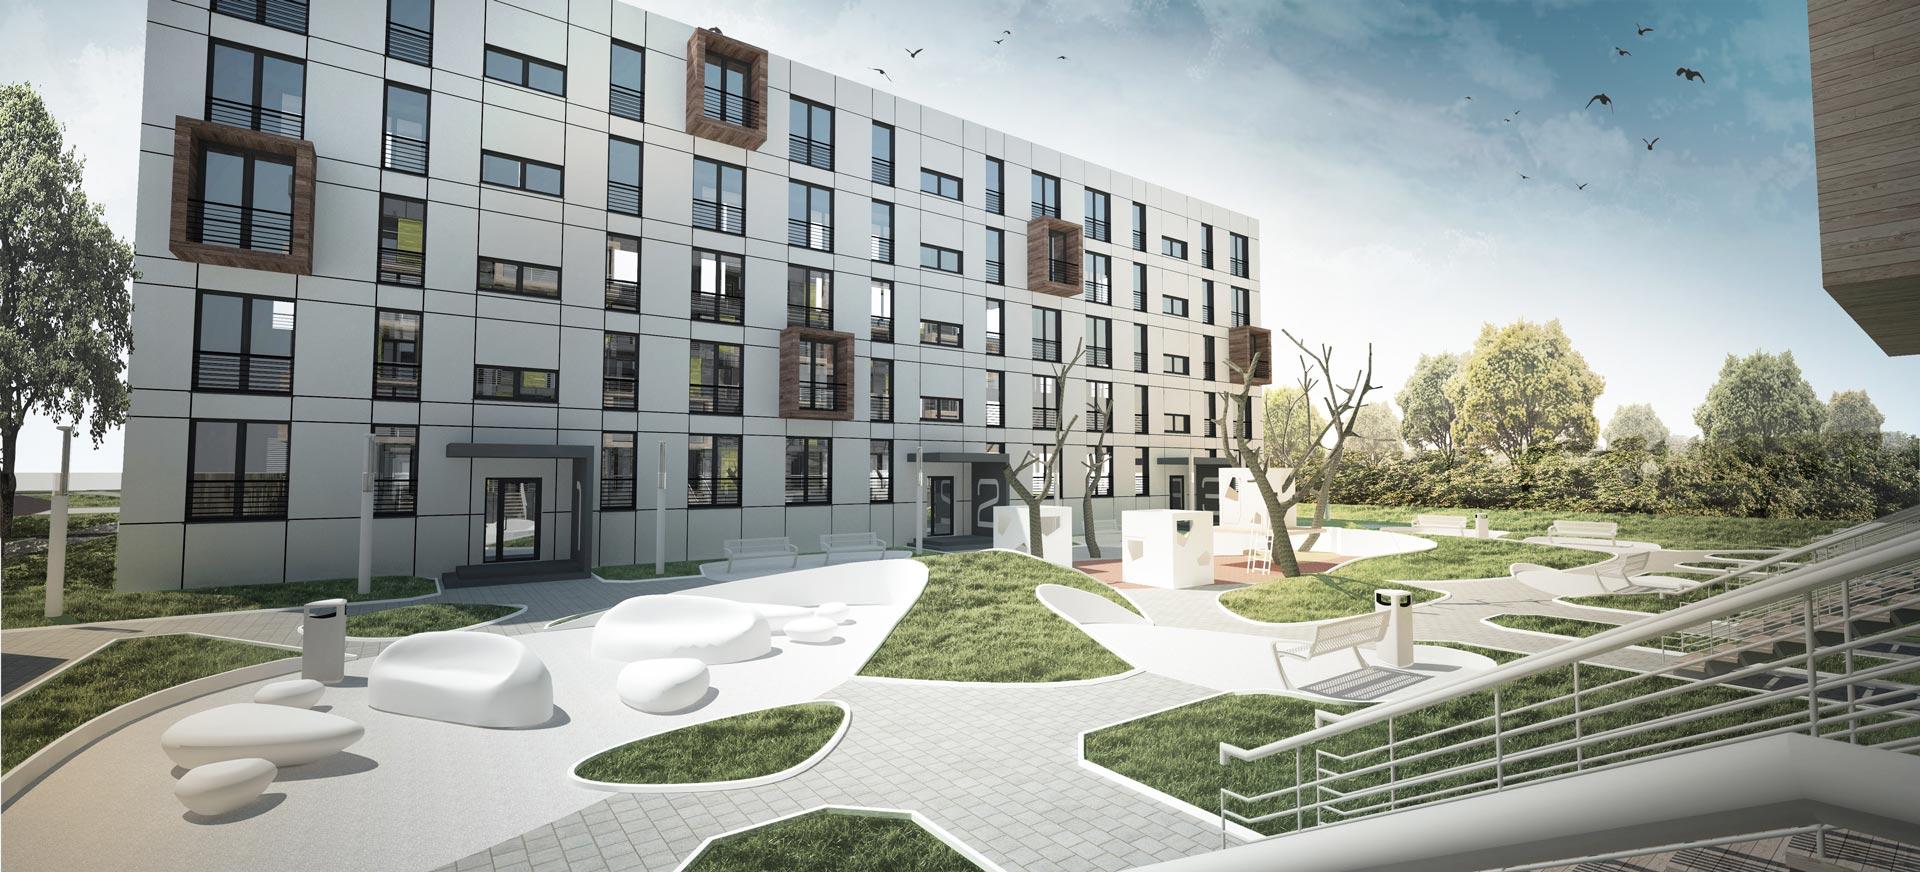 Rafal Keska - projekt dyplomowy 2013 r. Modernizacja osiedla przy ul. Lecha w Kielcach.